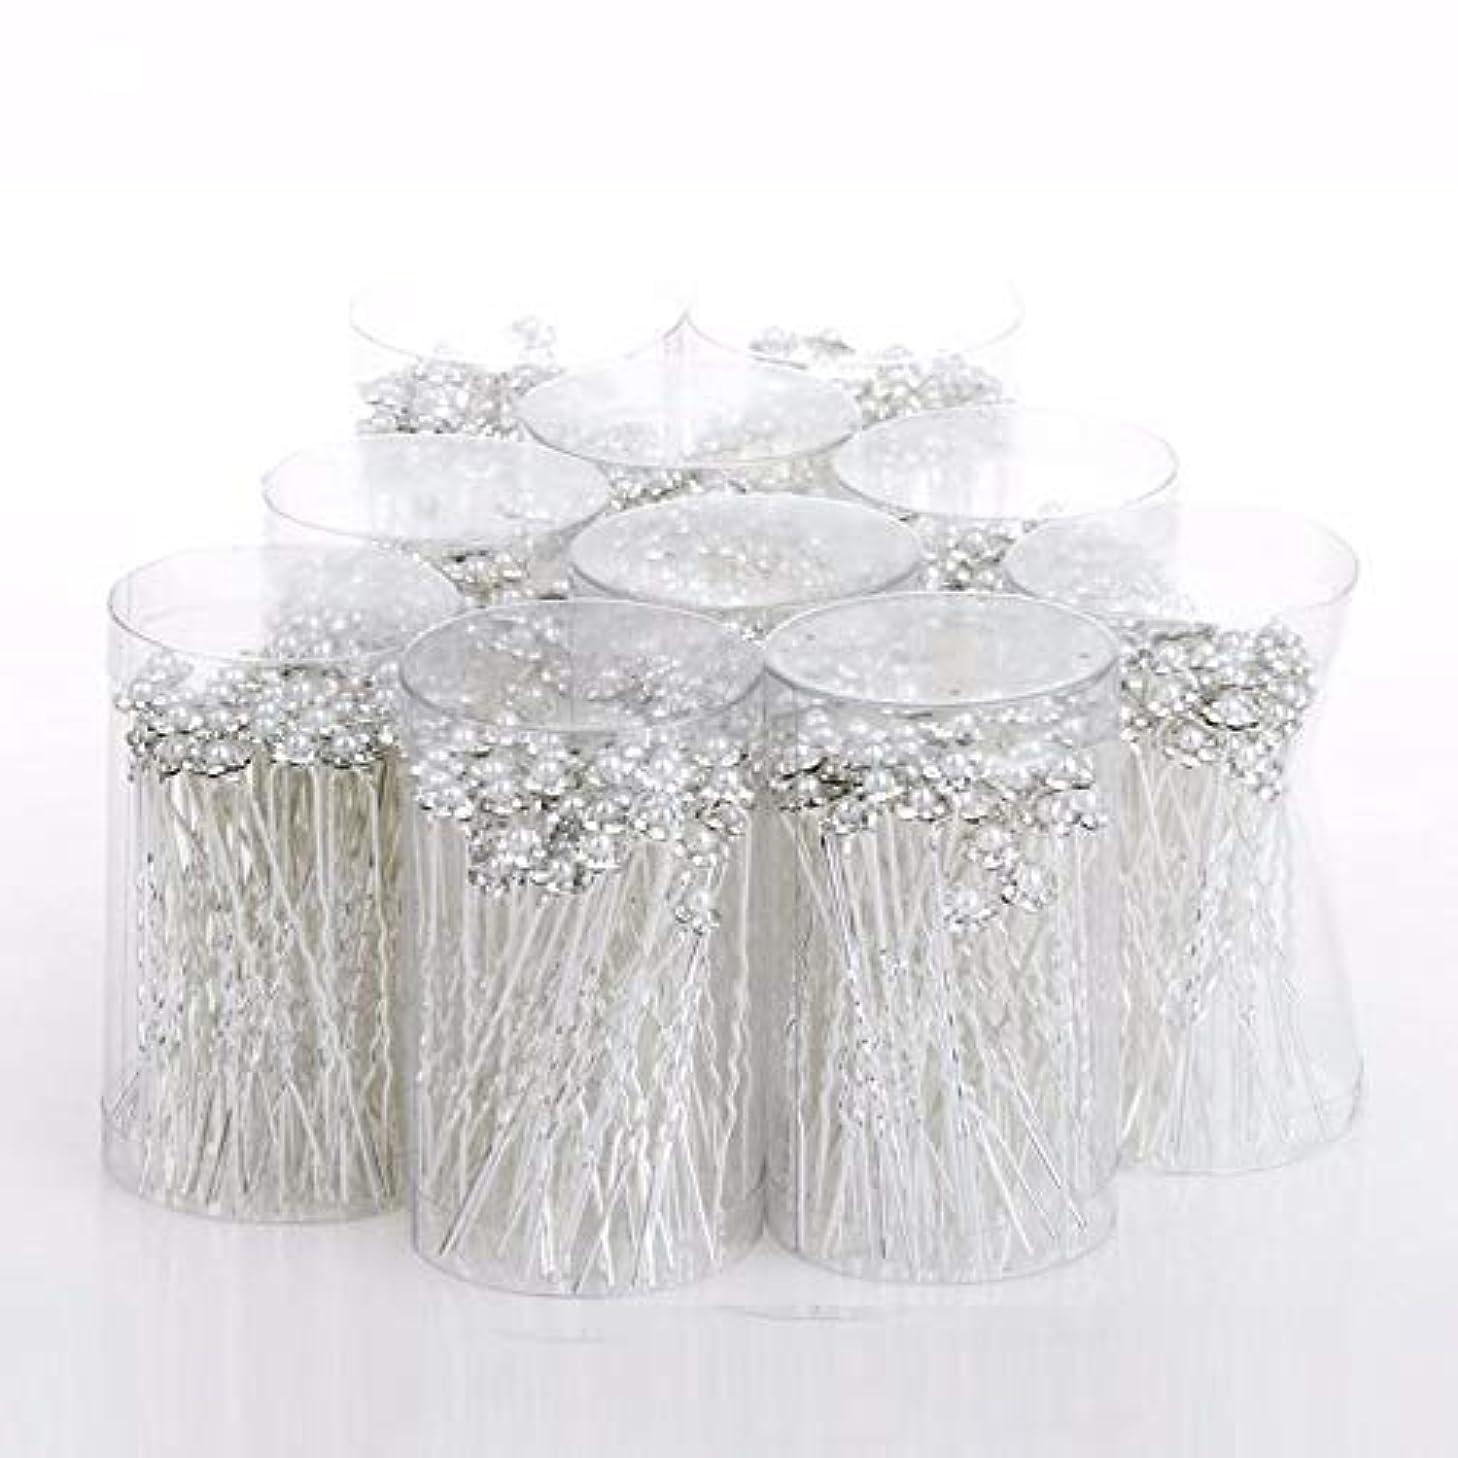 含める独立した何よりもHairpinheair YHM 40ピース女性結婚式のヘアピンジュエリーアクセサリー模擬パールフラワーブライダルヘアピンウエディングヘアクリップアンティークシルバーメッキ(ホワイト) (色 : 白)